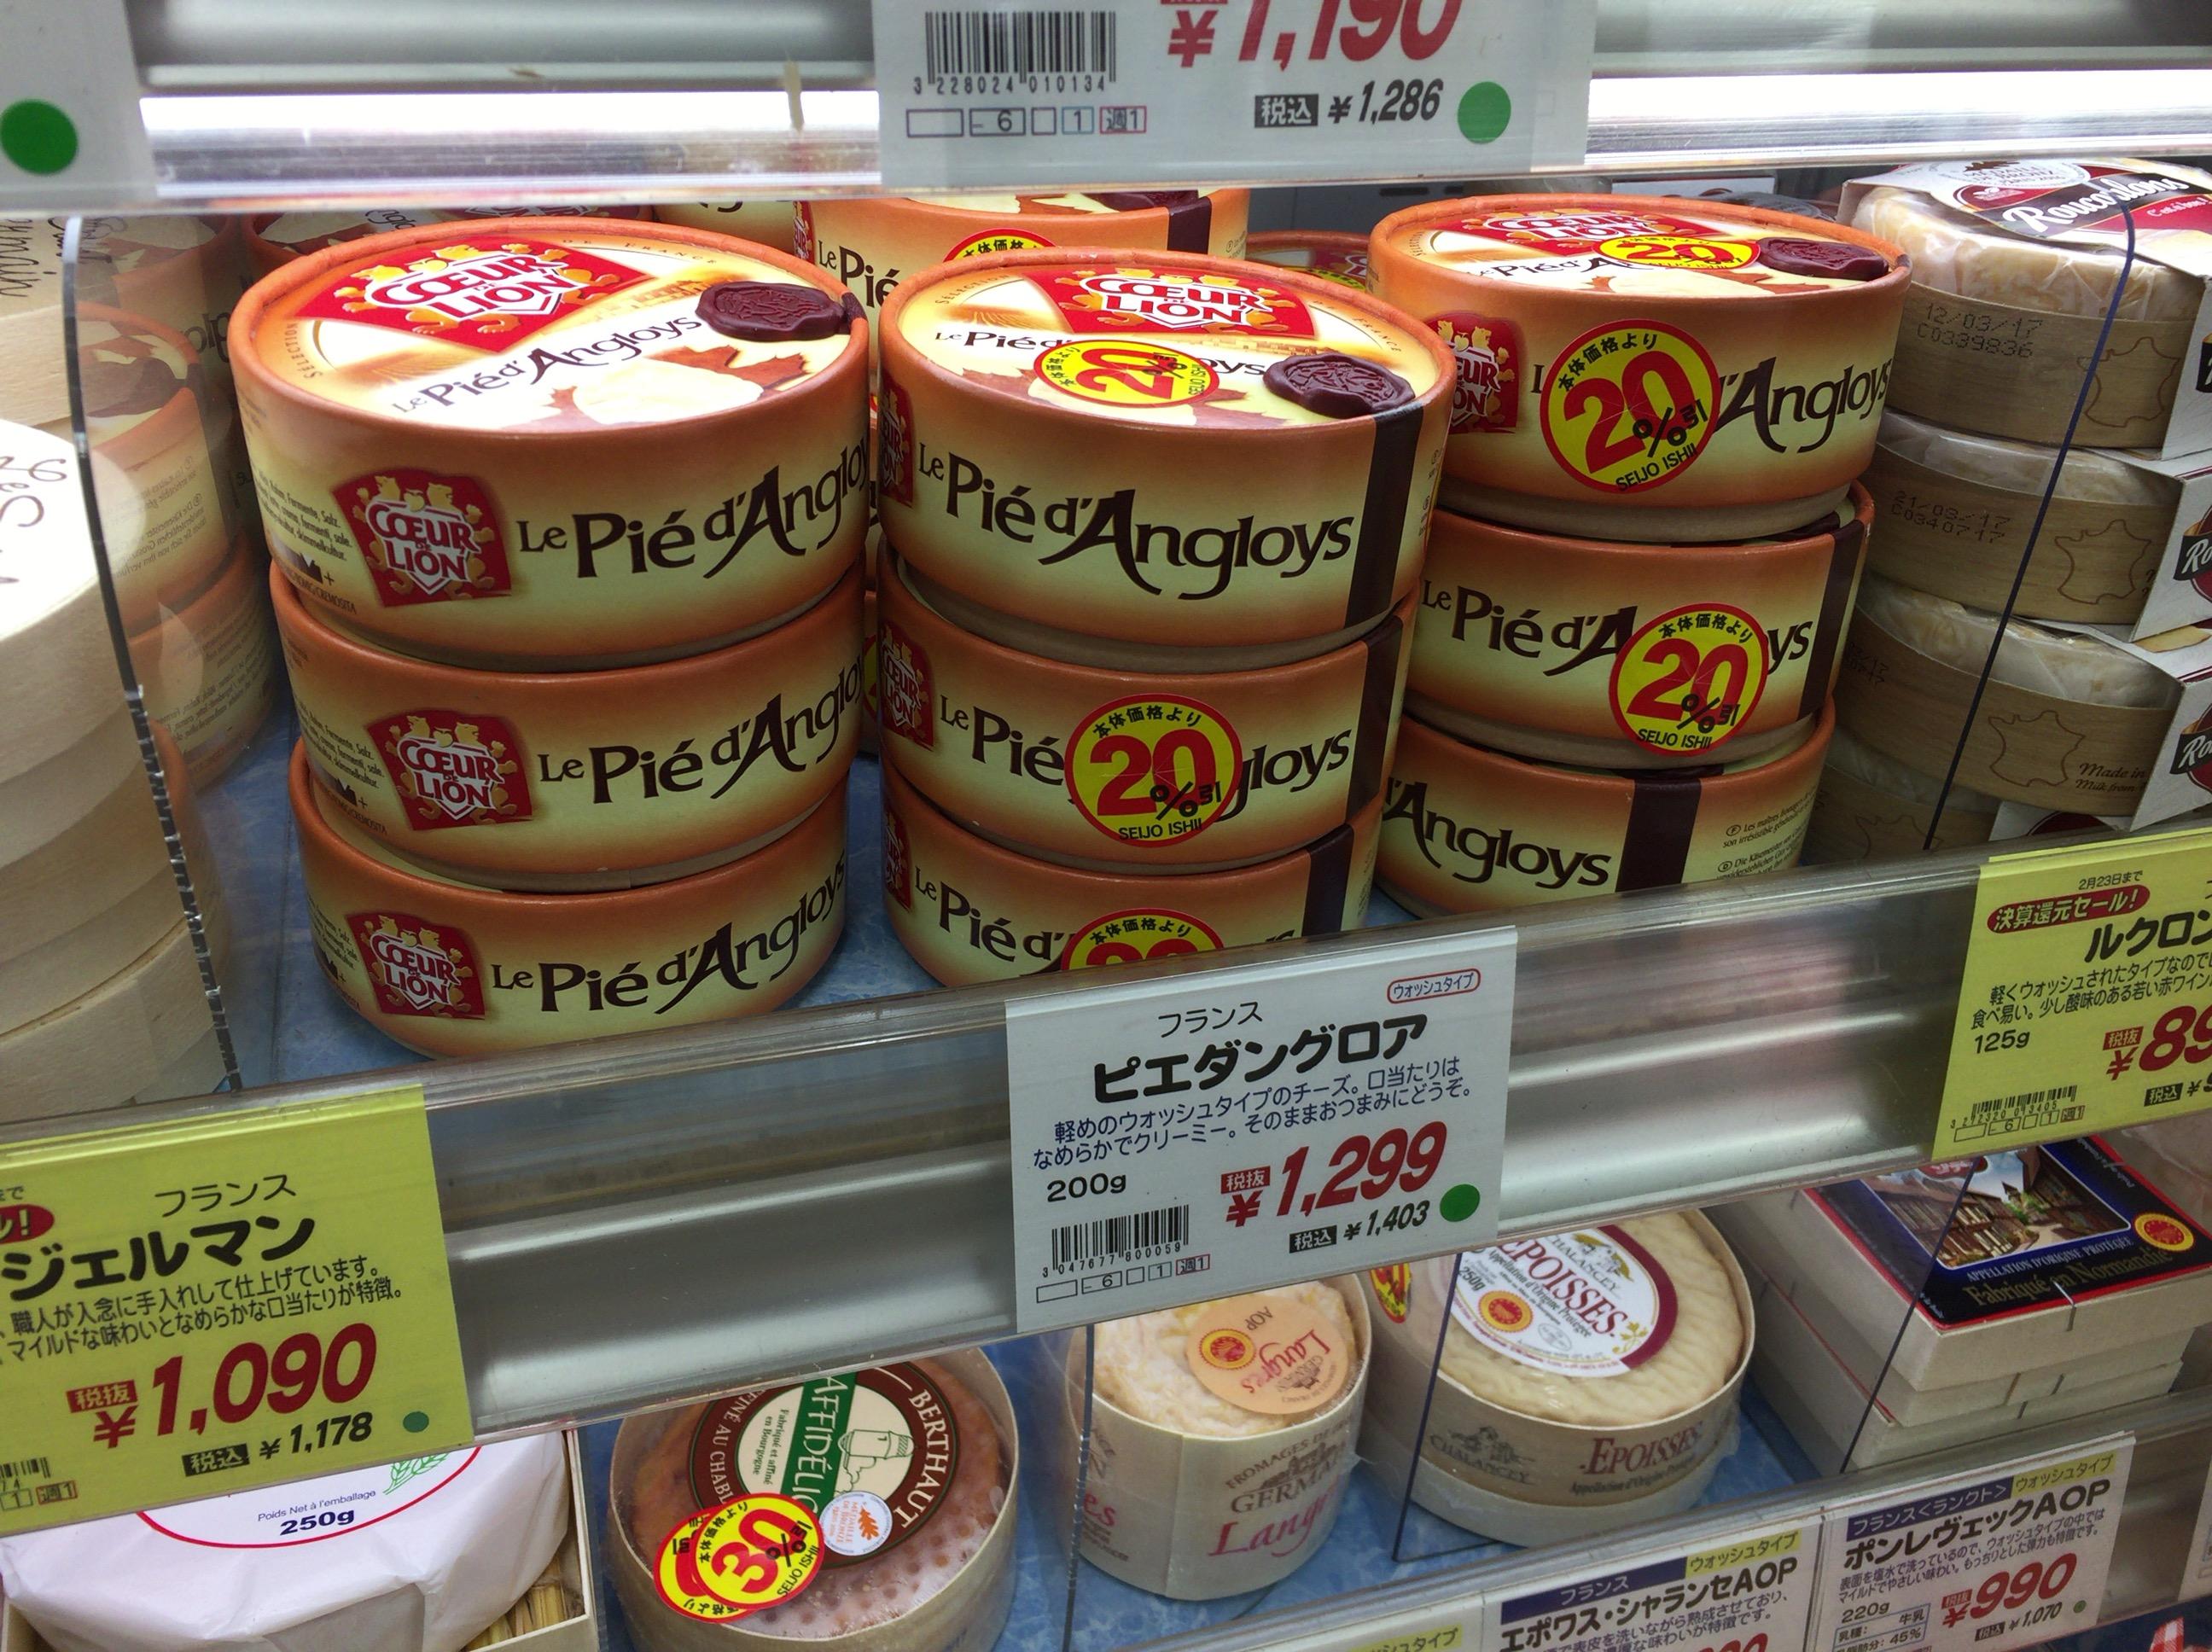 石井 おすすめ 成城 成城石井のおすすめ&売上ランキング上位15を発表! 絶対に食べるべき商品とは?